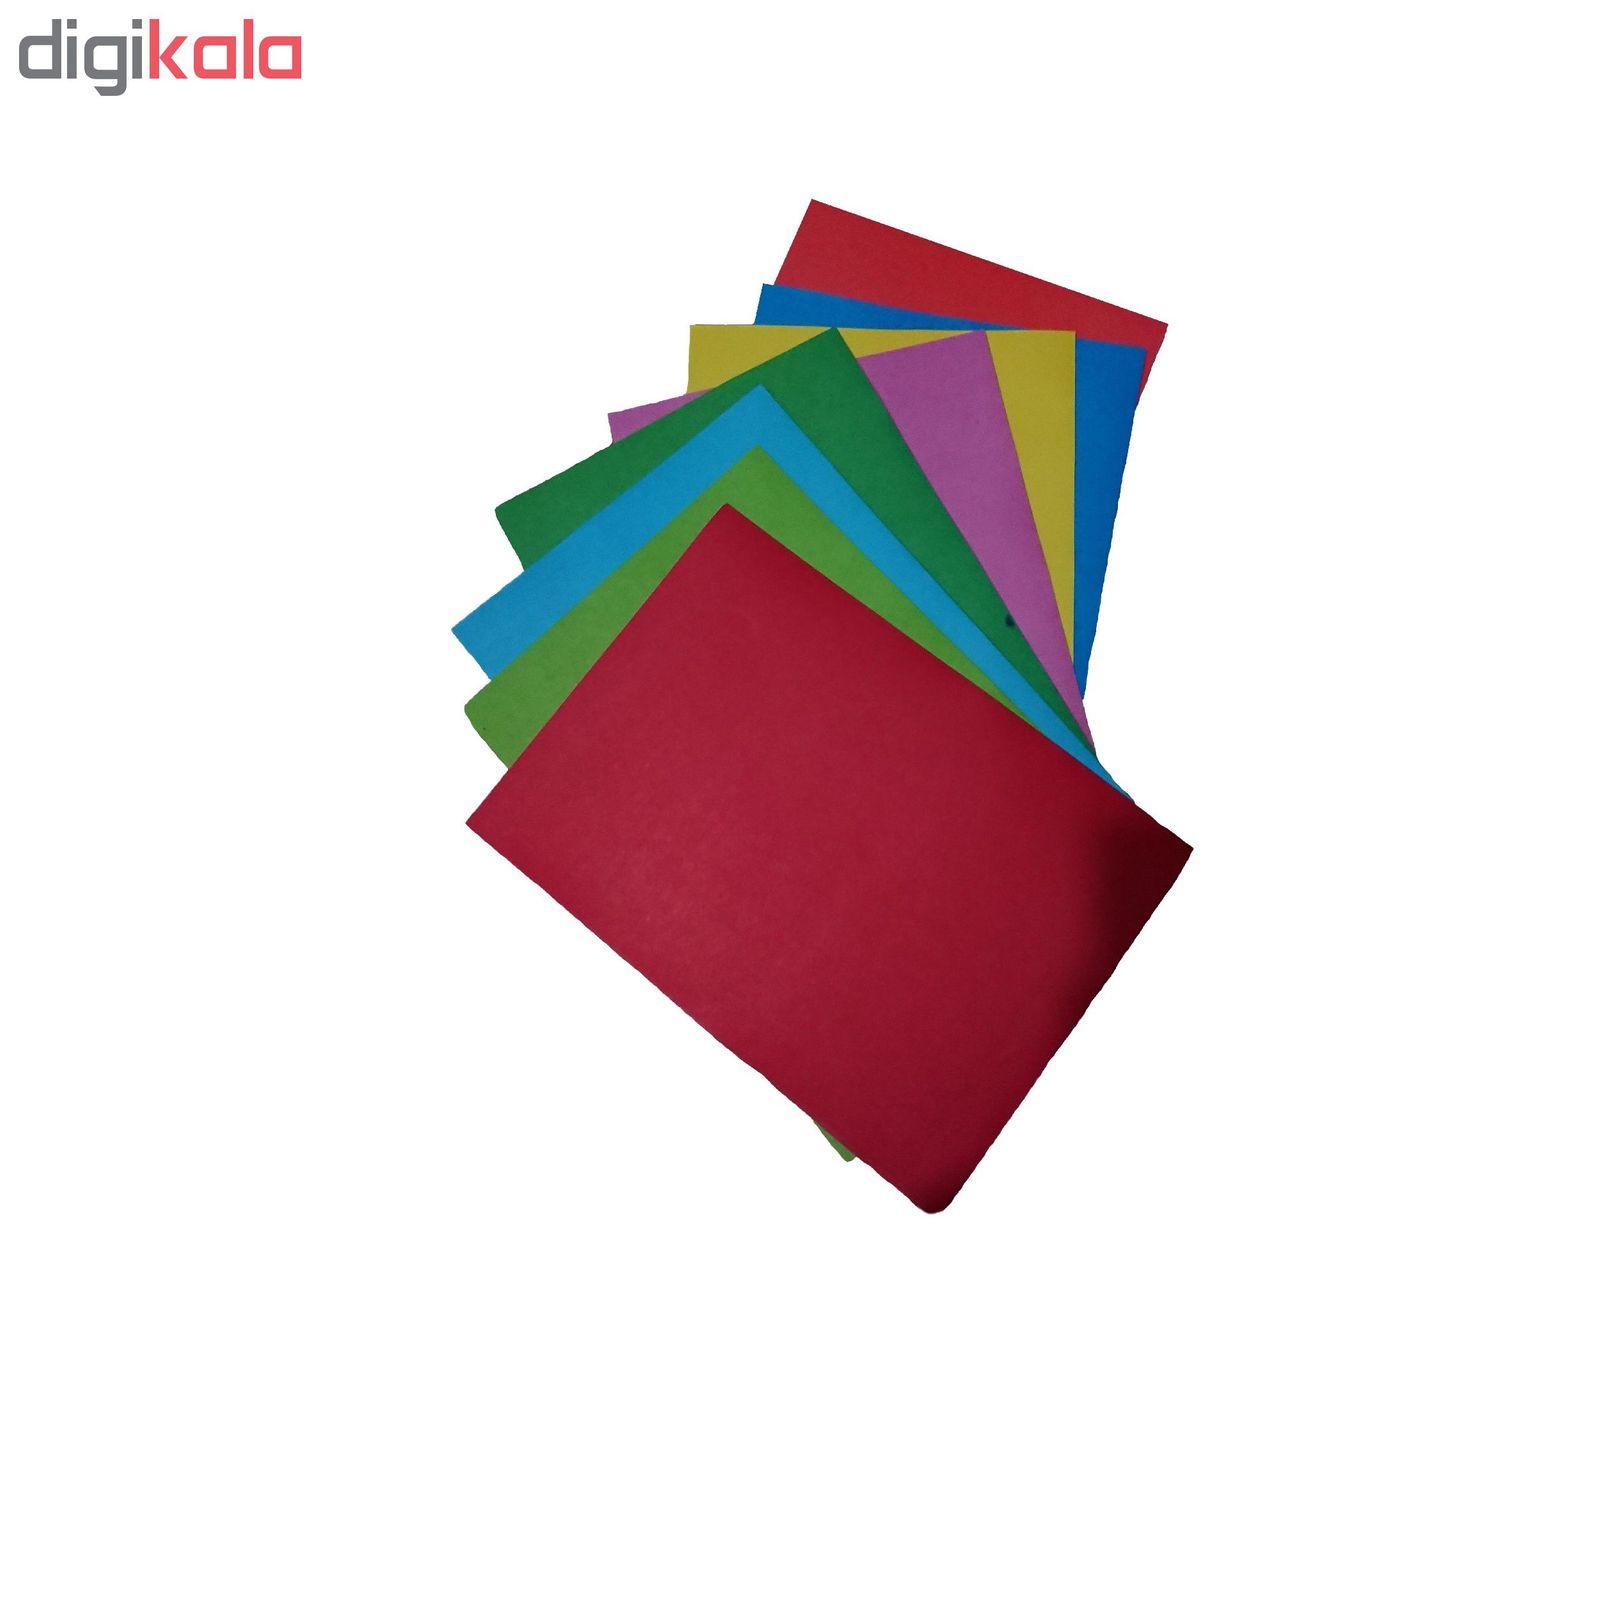 کاغذ رنگی A4 کد 40 بسته 100 عددی  main 1 1